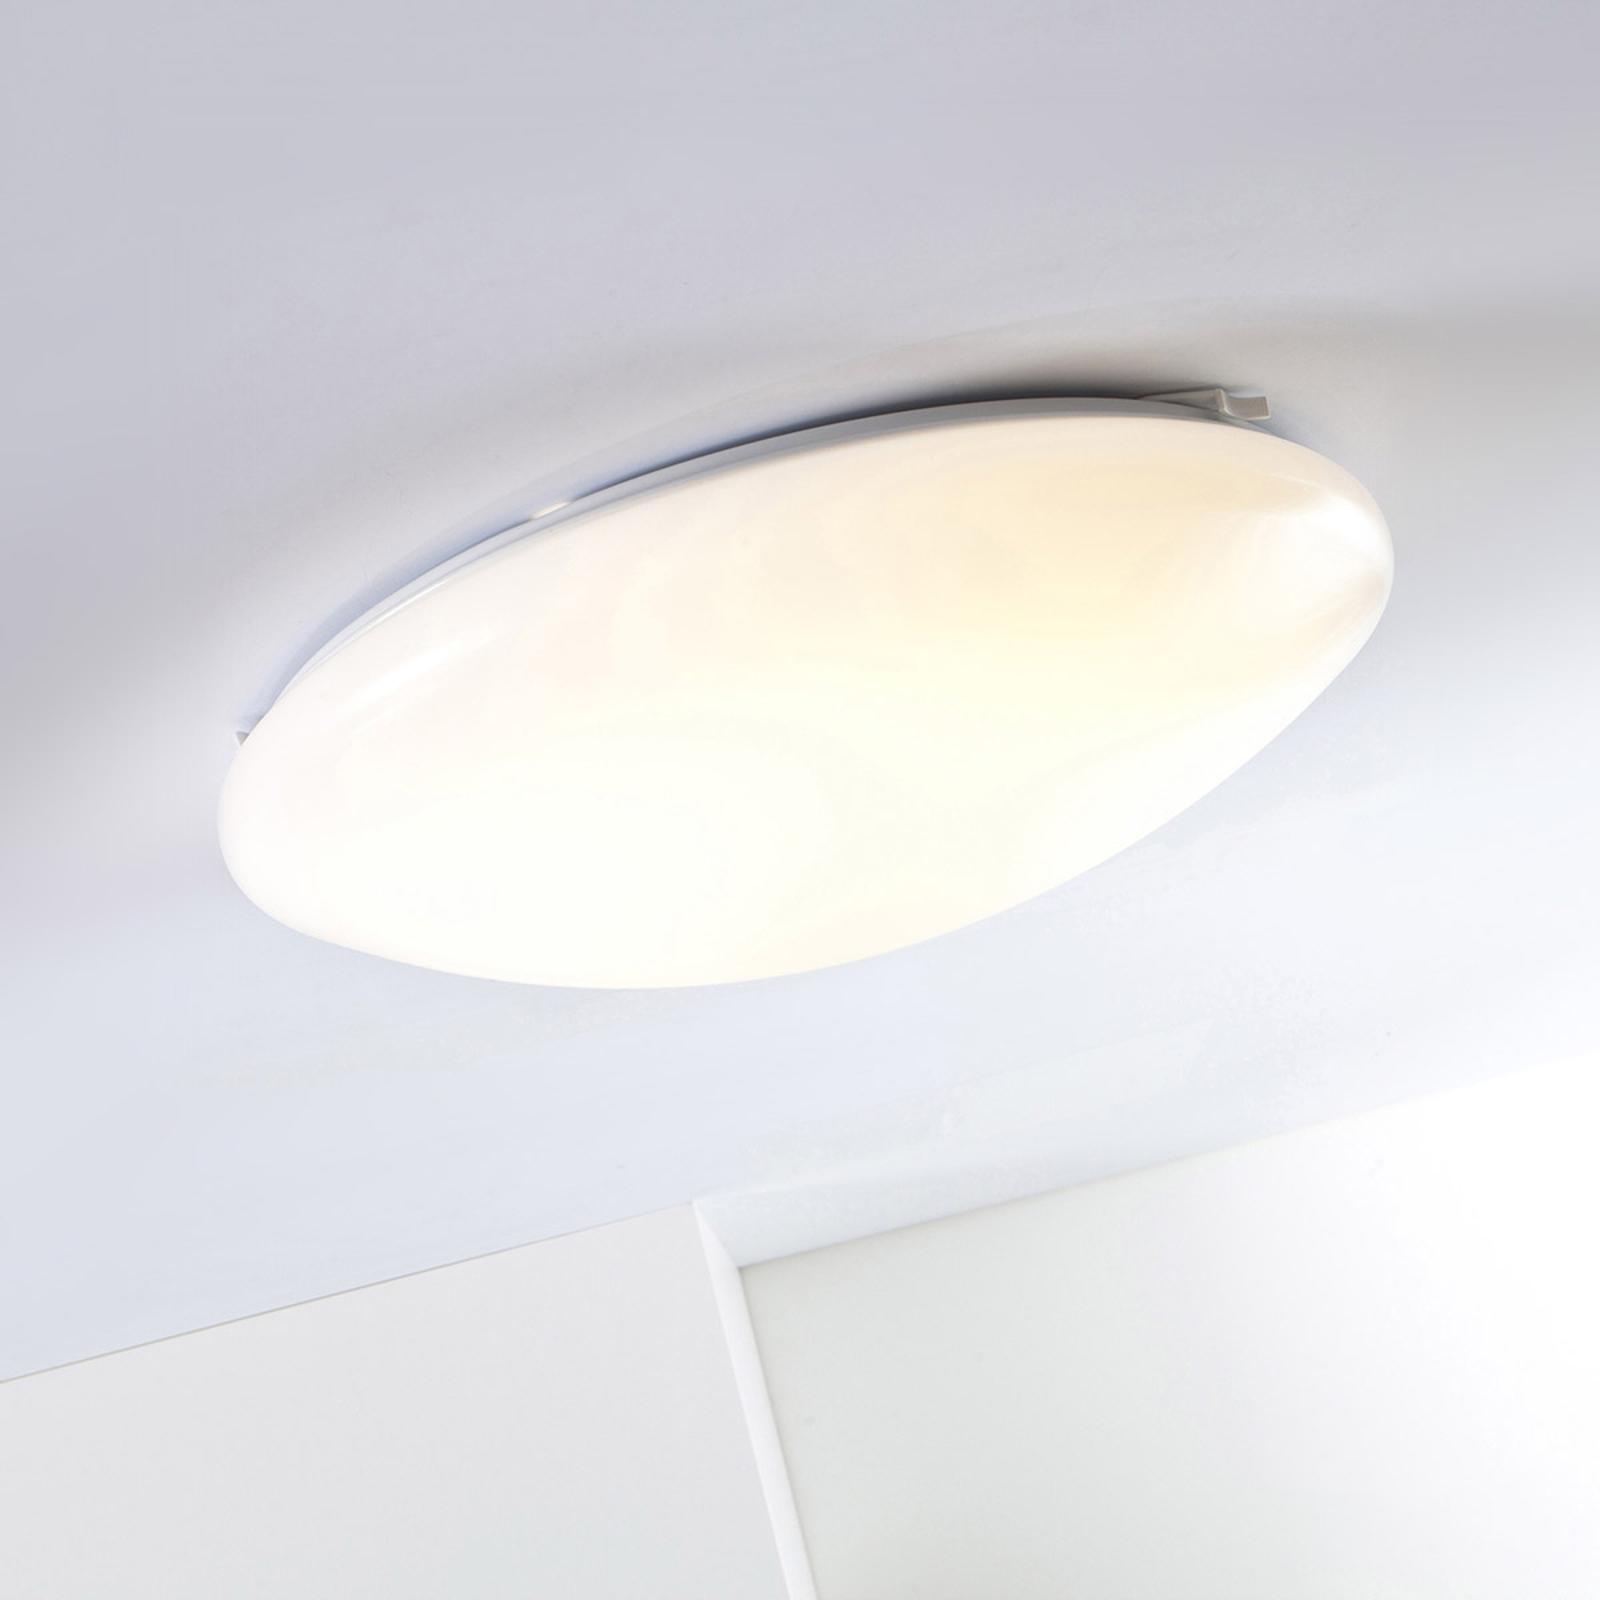 AEG LED Basic - okrągła lampa sufitowa LED, 22 W